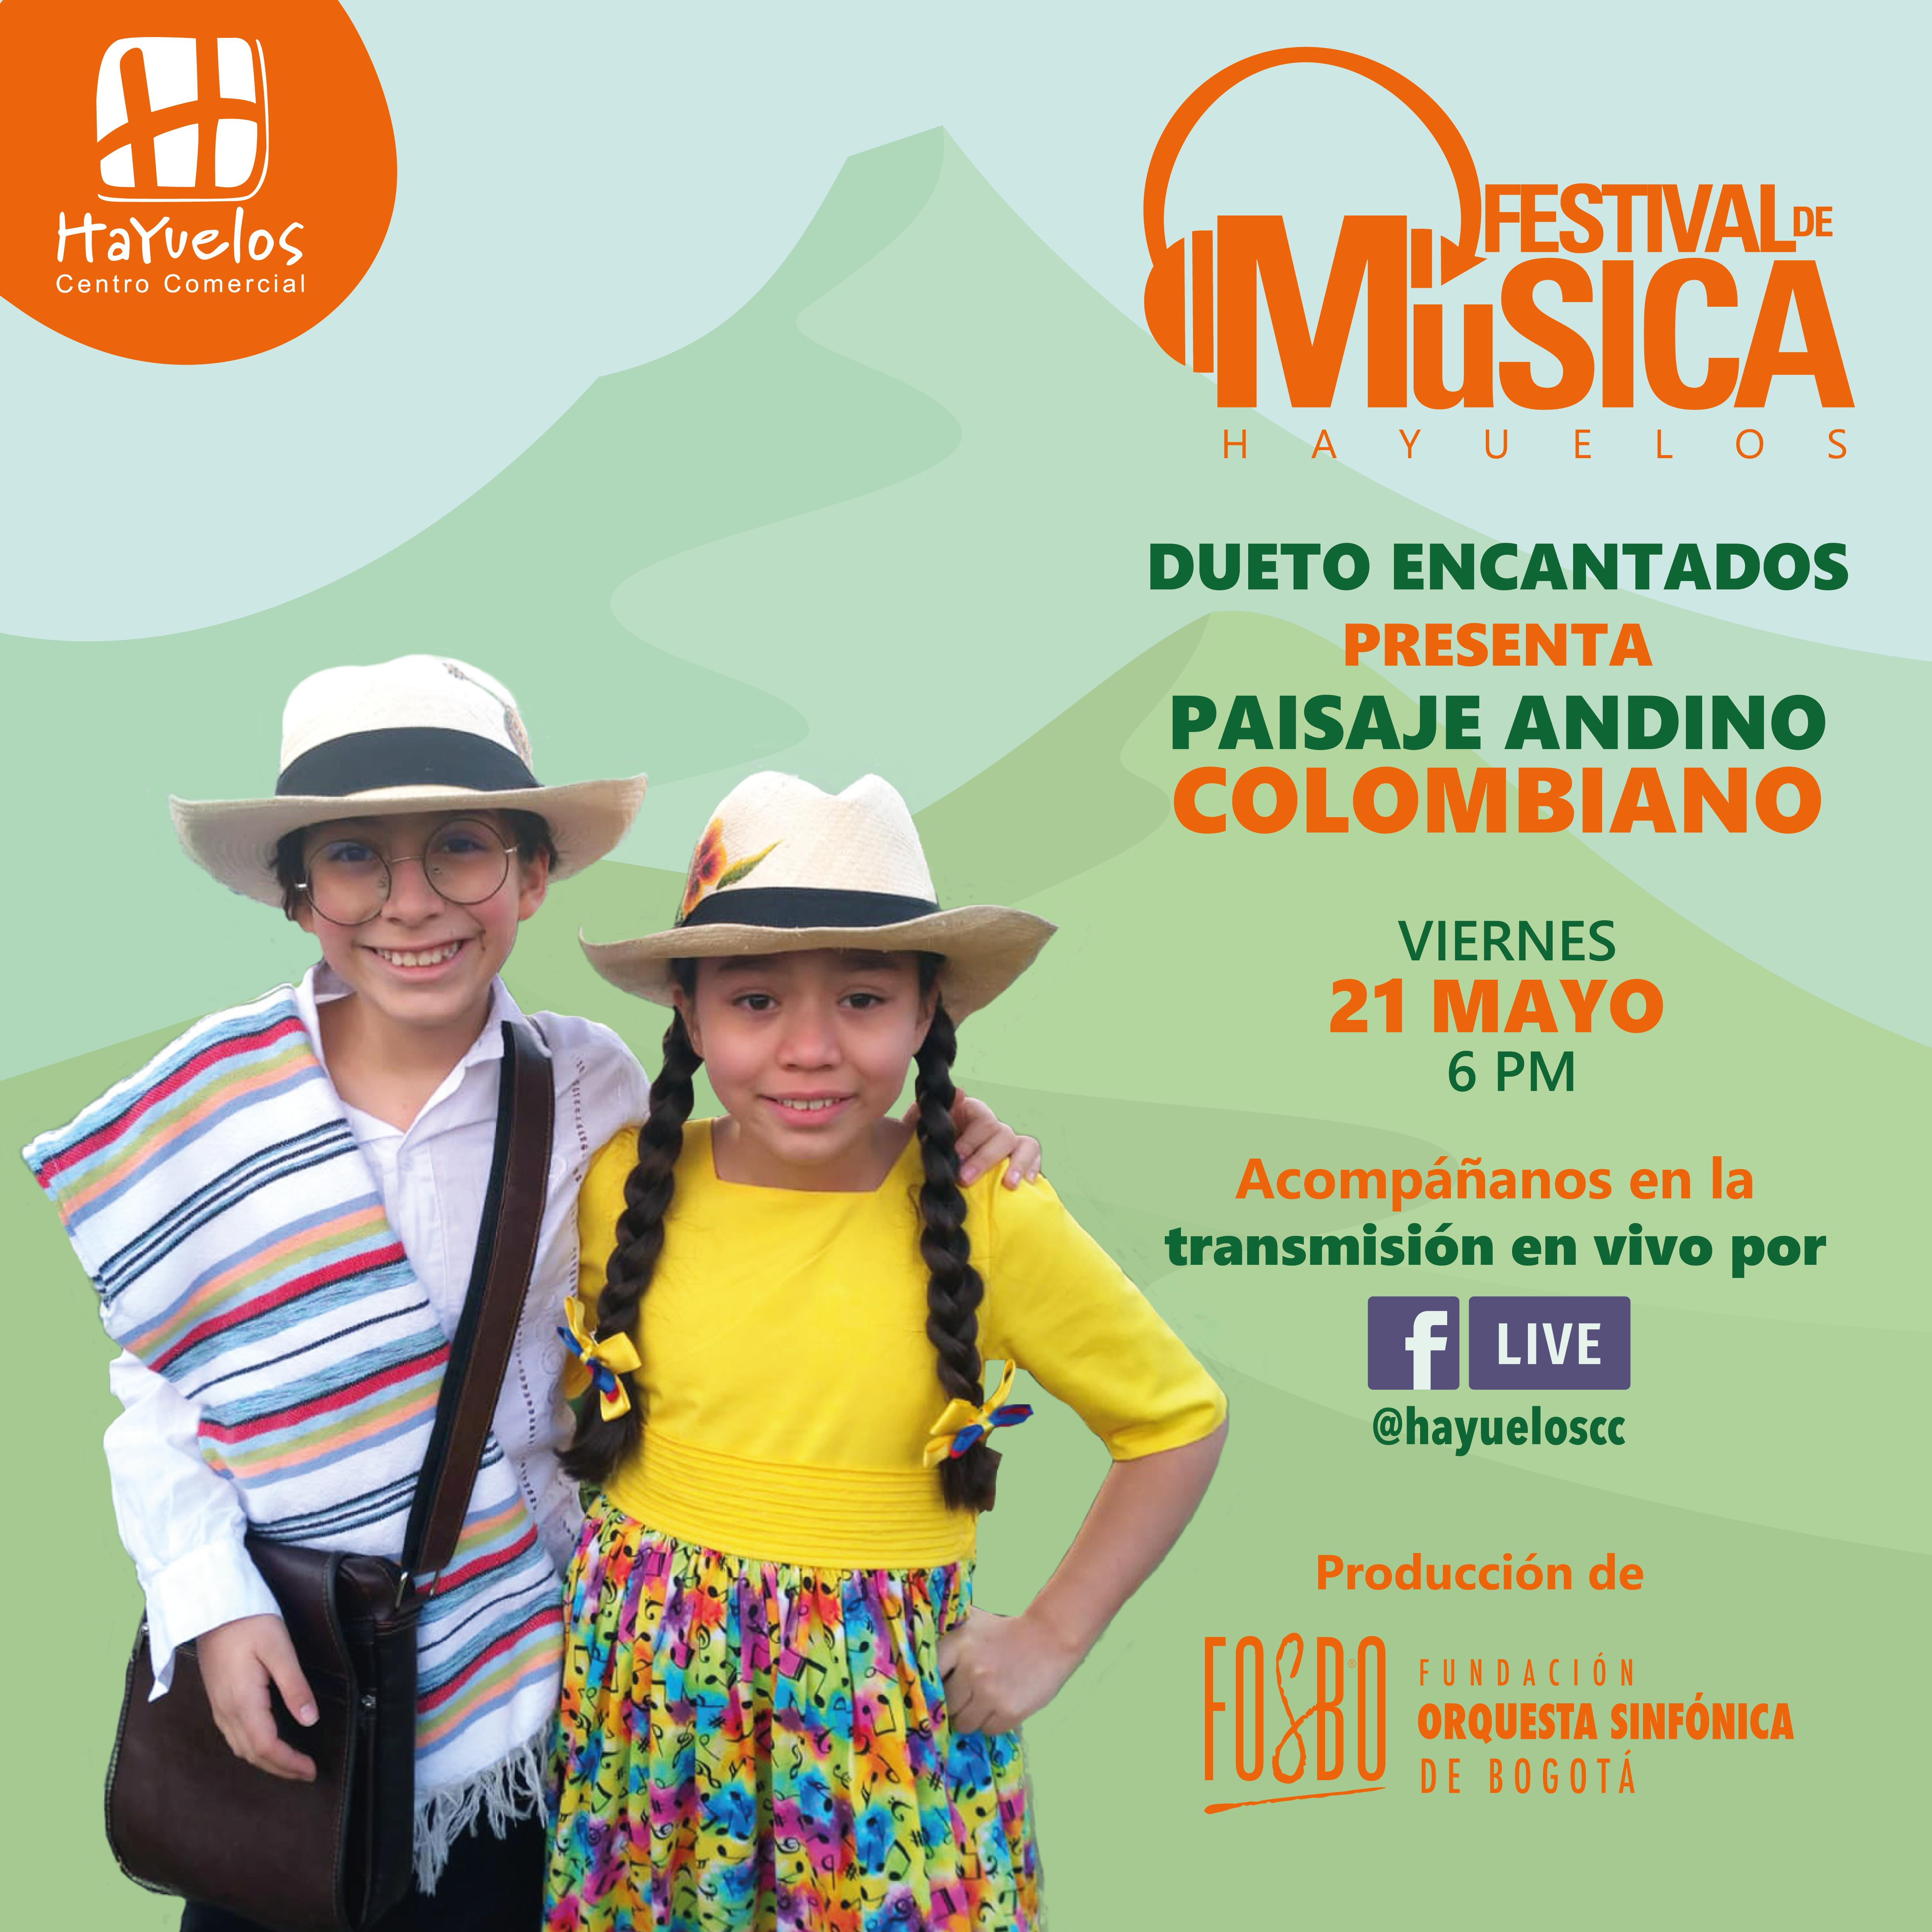 Dueto Encantados Festival de Música Hayuelos Fosbo